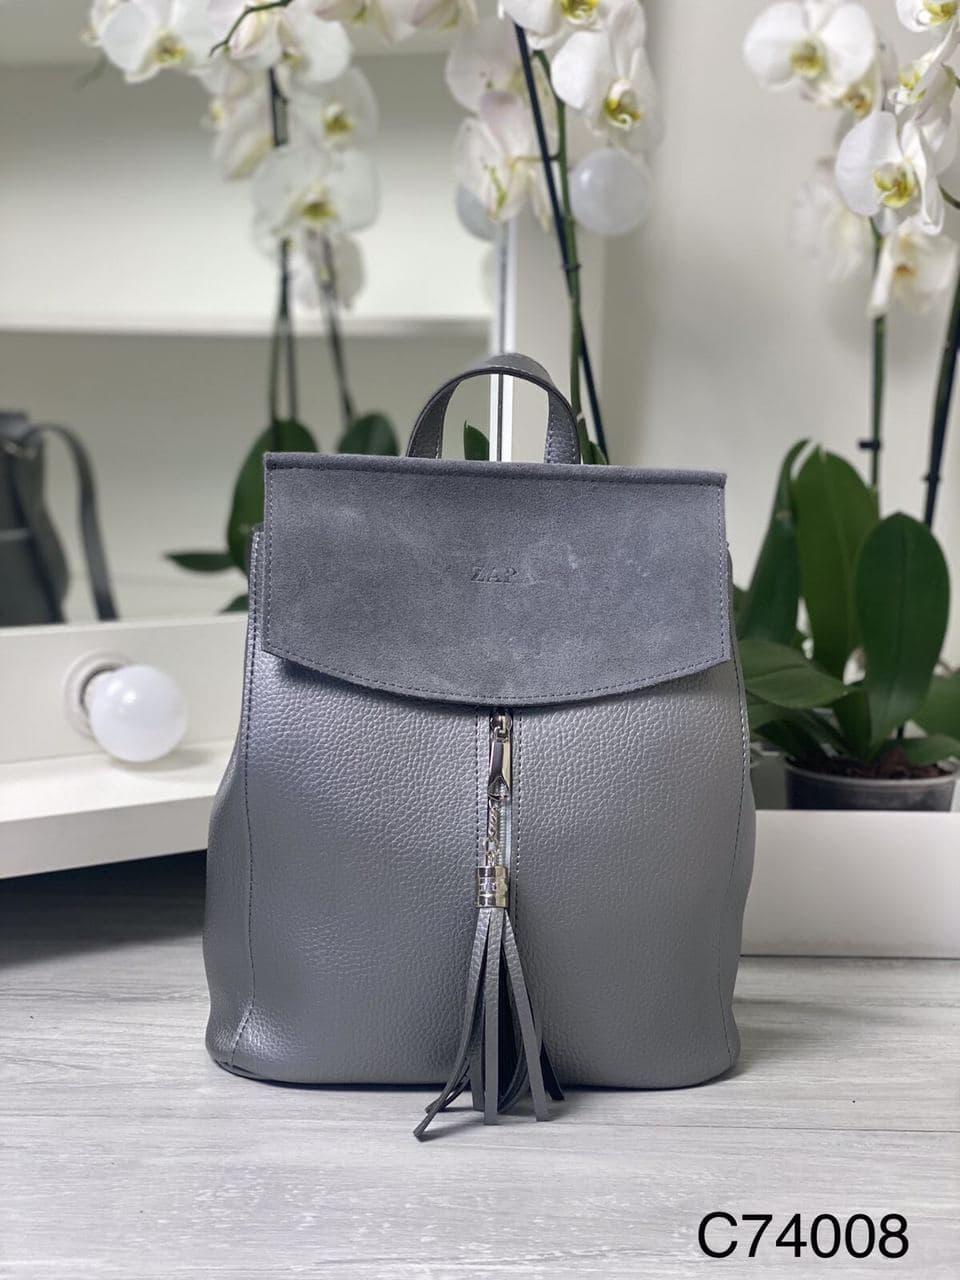 Сумка Женская Рюкзак С74008-gray